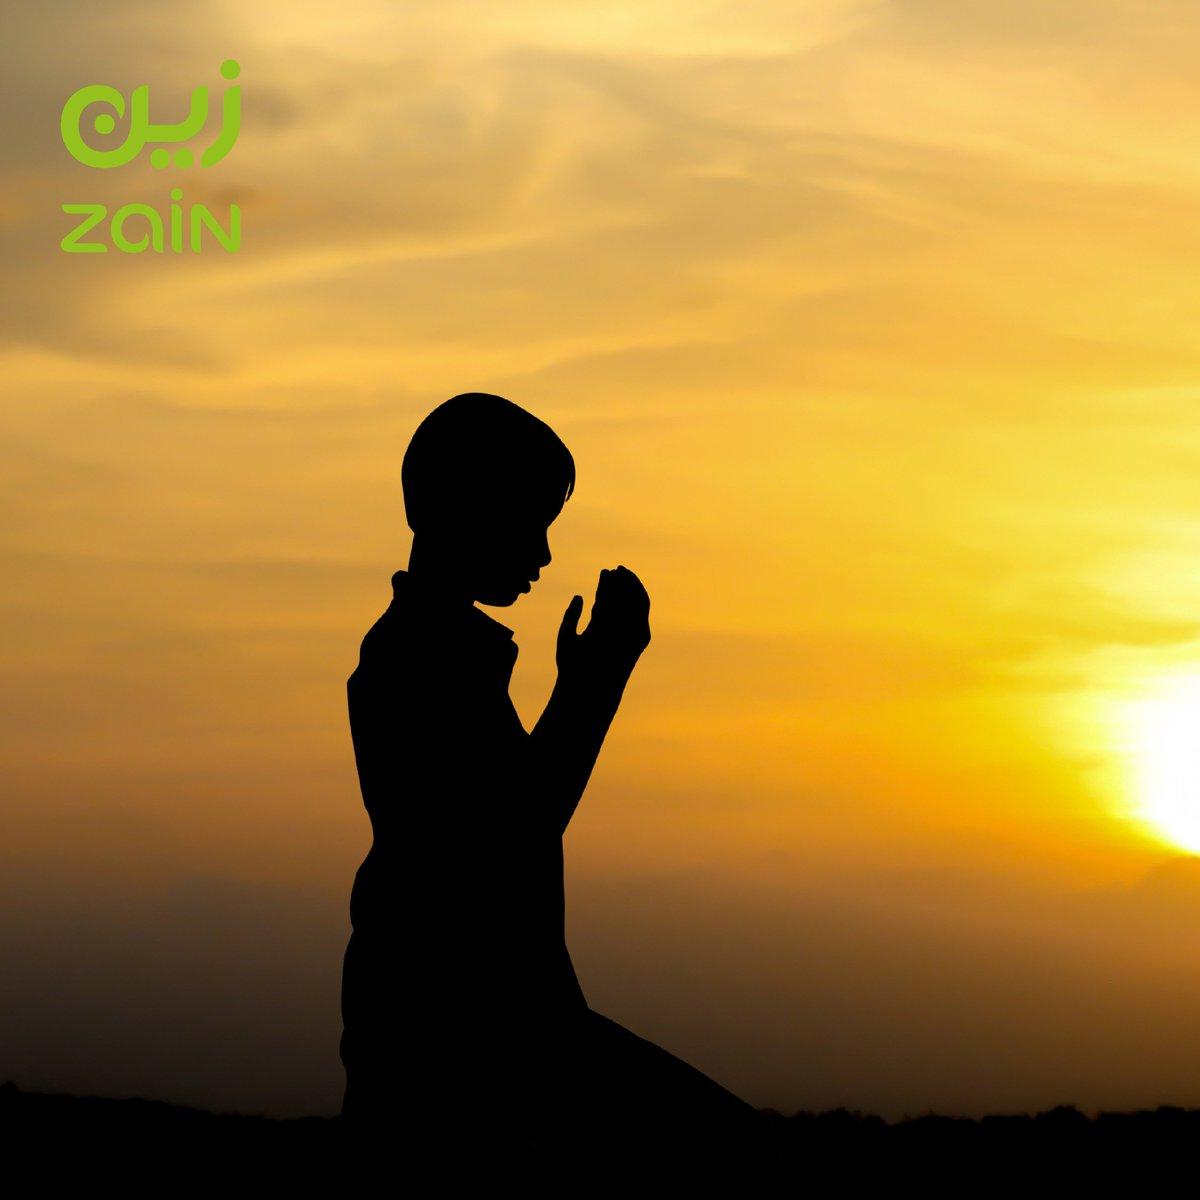 أحب الأيام إلى الله يوم الجمعة - سبحان رب الأيام #جمعة_مباركة https://...